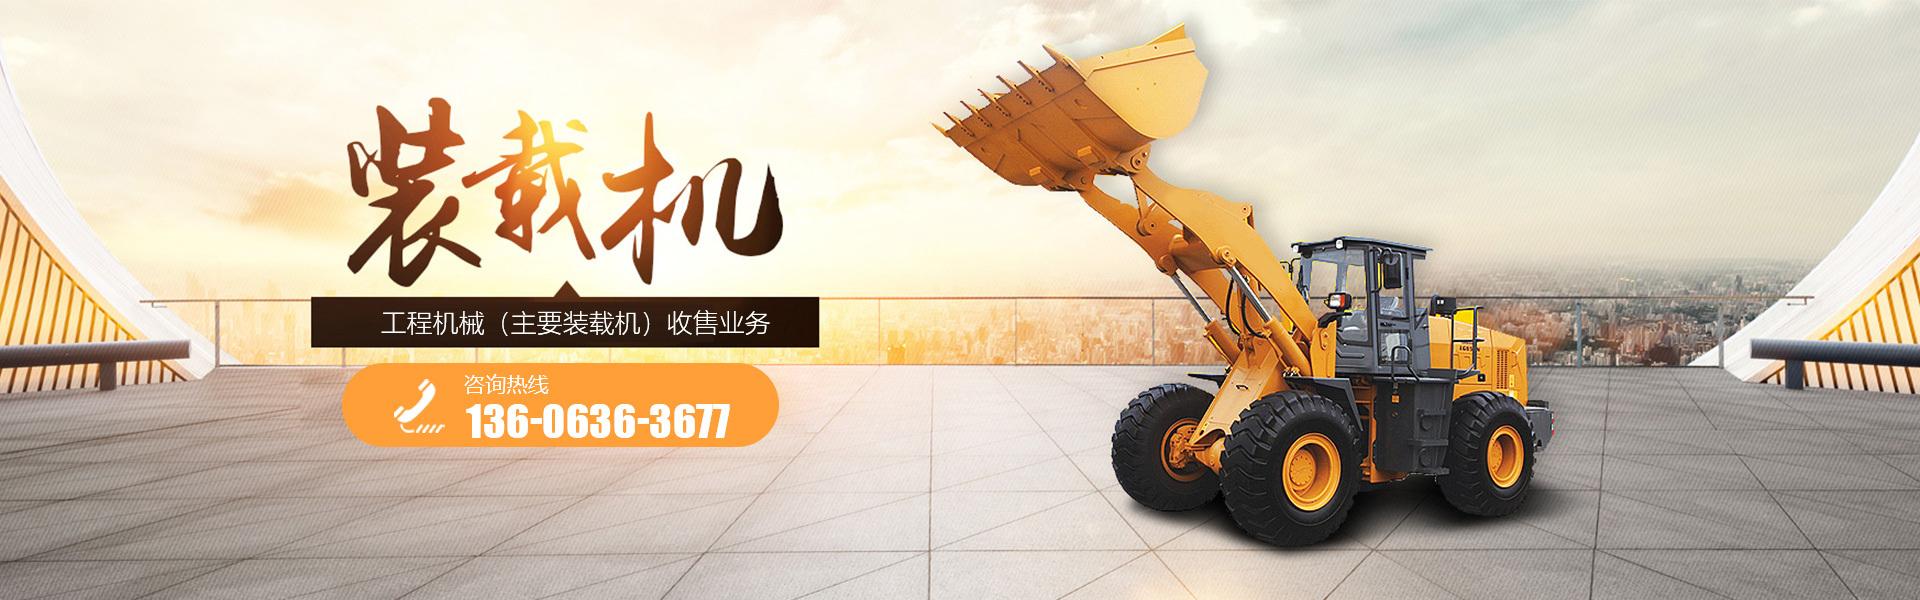 青州市同信工程机械经营部